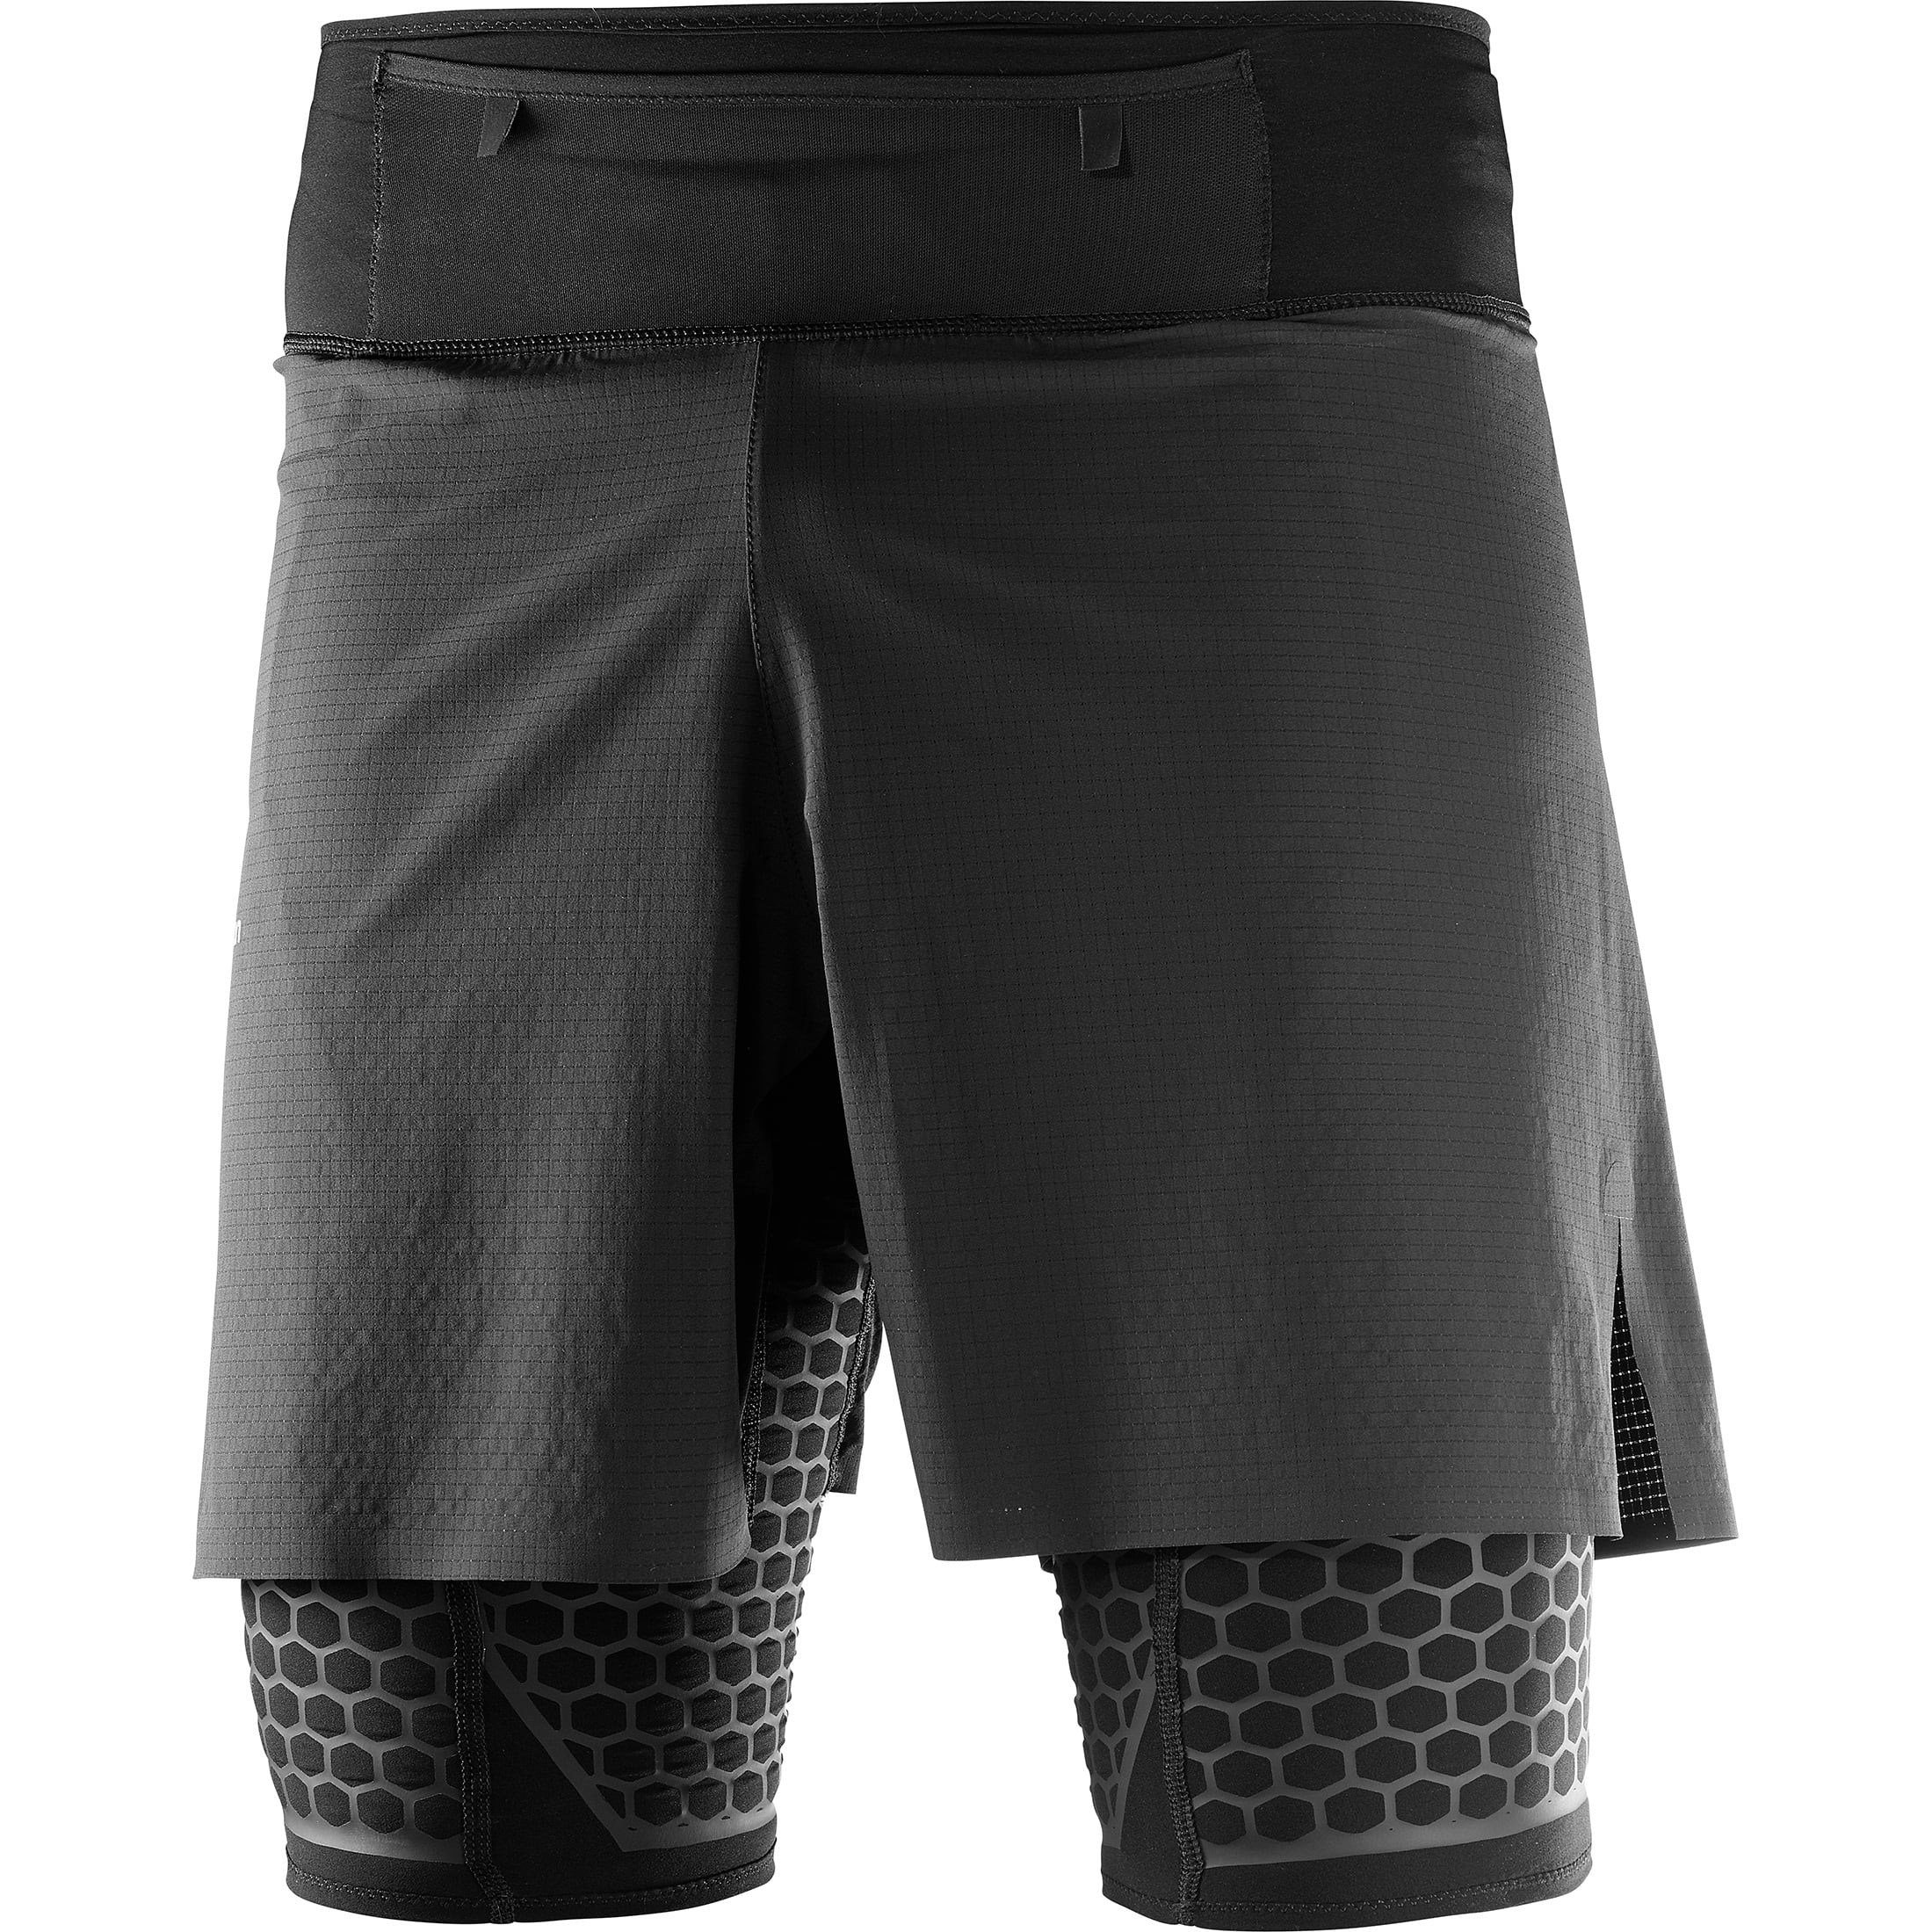 Hami Melon Skin Comfortable Mens Boxer Briefs Multi-Size Soft Underwear S